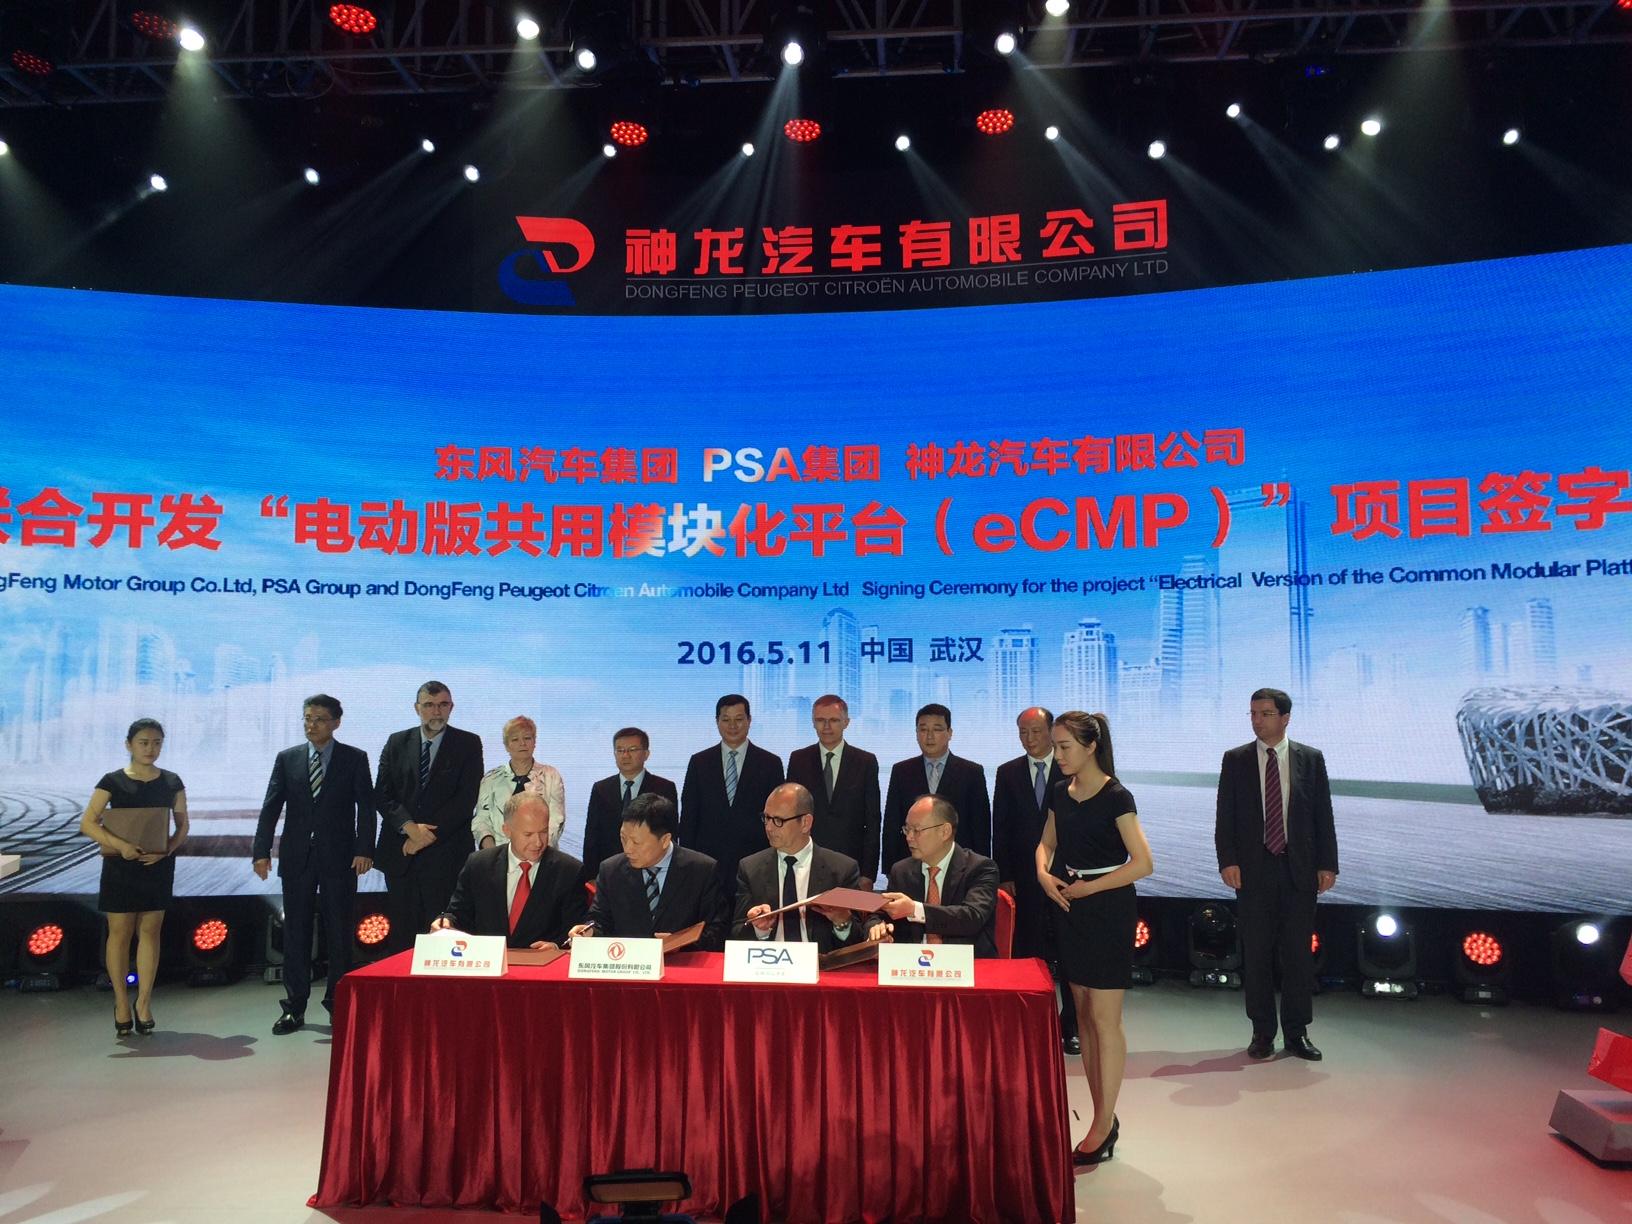 Новые электрокары от французко-китайского автопроизводителей